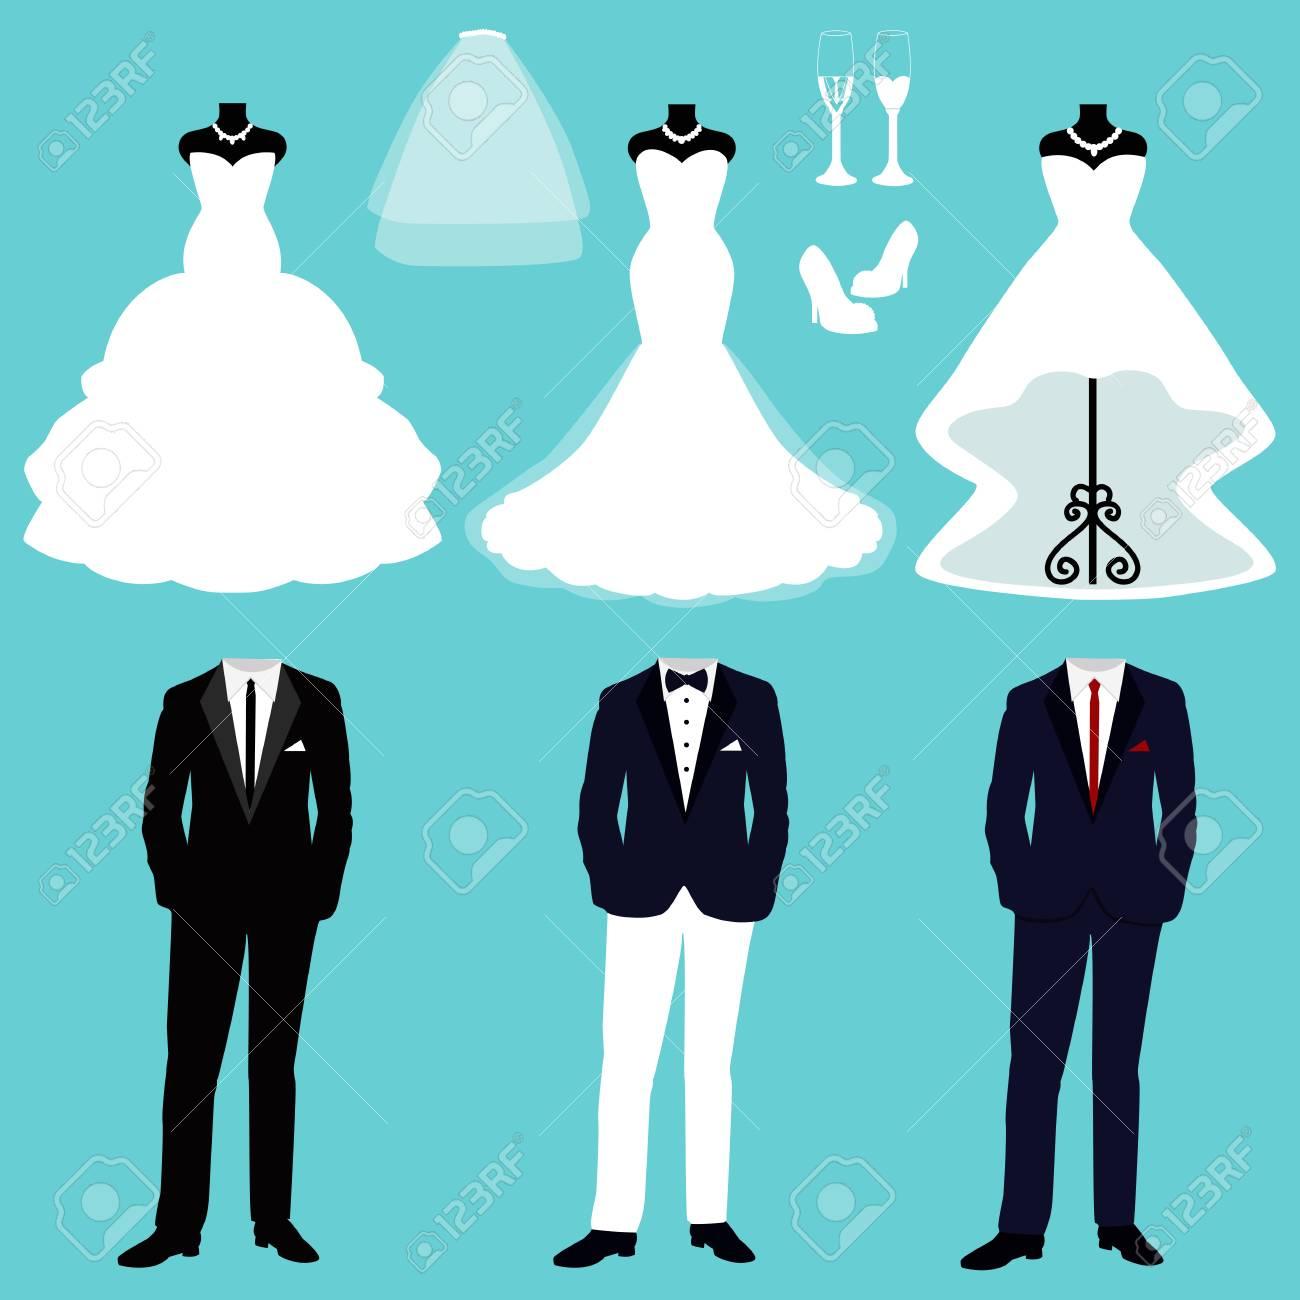 2b57dbffd Invitación de boda con la ropa de la novia y el novio. Un conjunto de ropa  de boda. Hermoso vestido de novia y esmoquin. Ilustracion vectorial